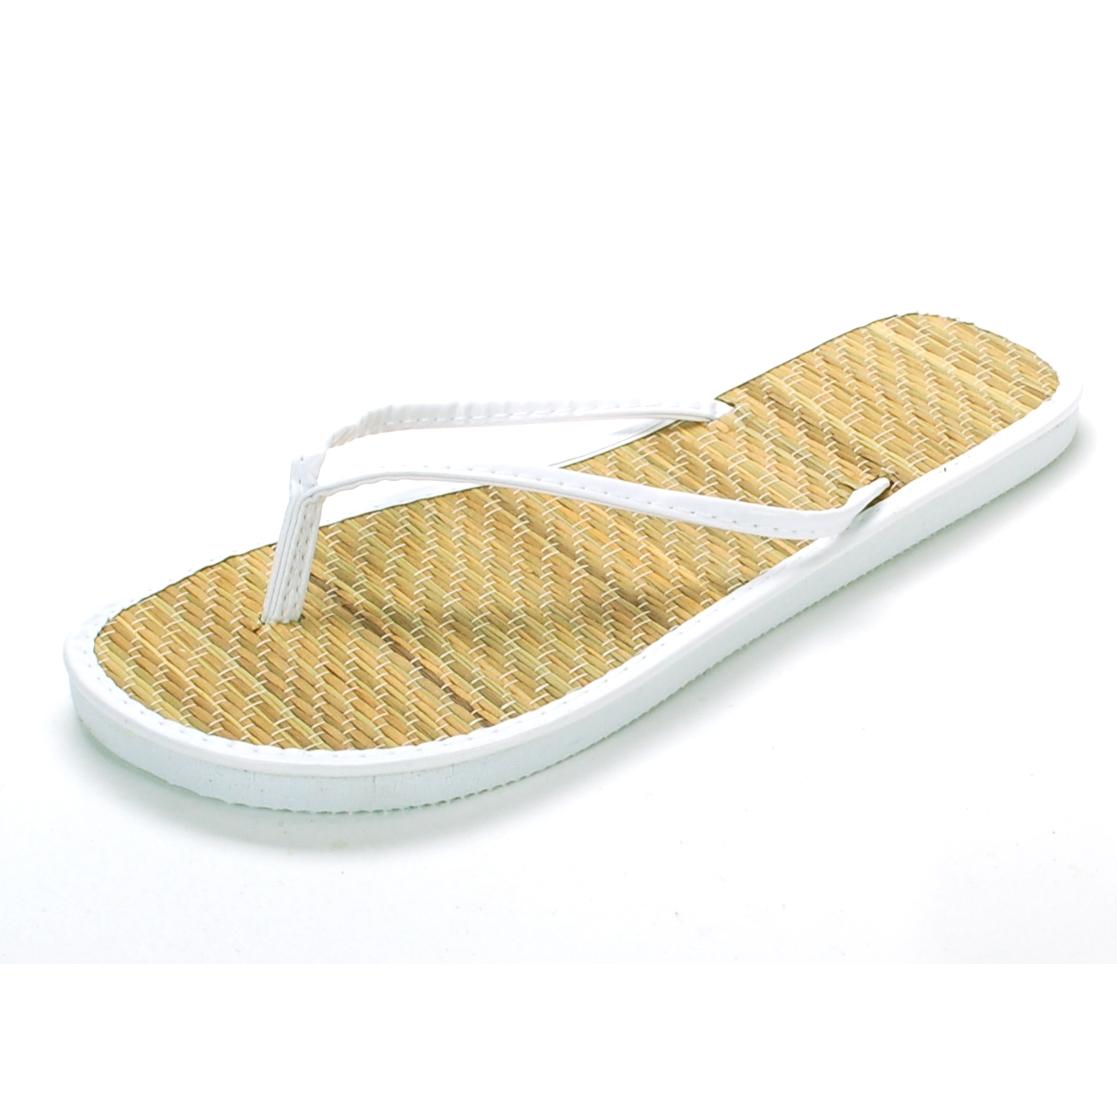 ae6cb1356c1 Womens Bamboo Sandal Flip Flops Light Flats Beach Summer Shoe Comfort Thongs  New